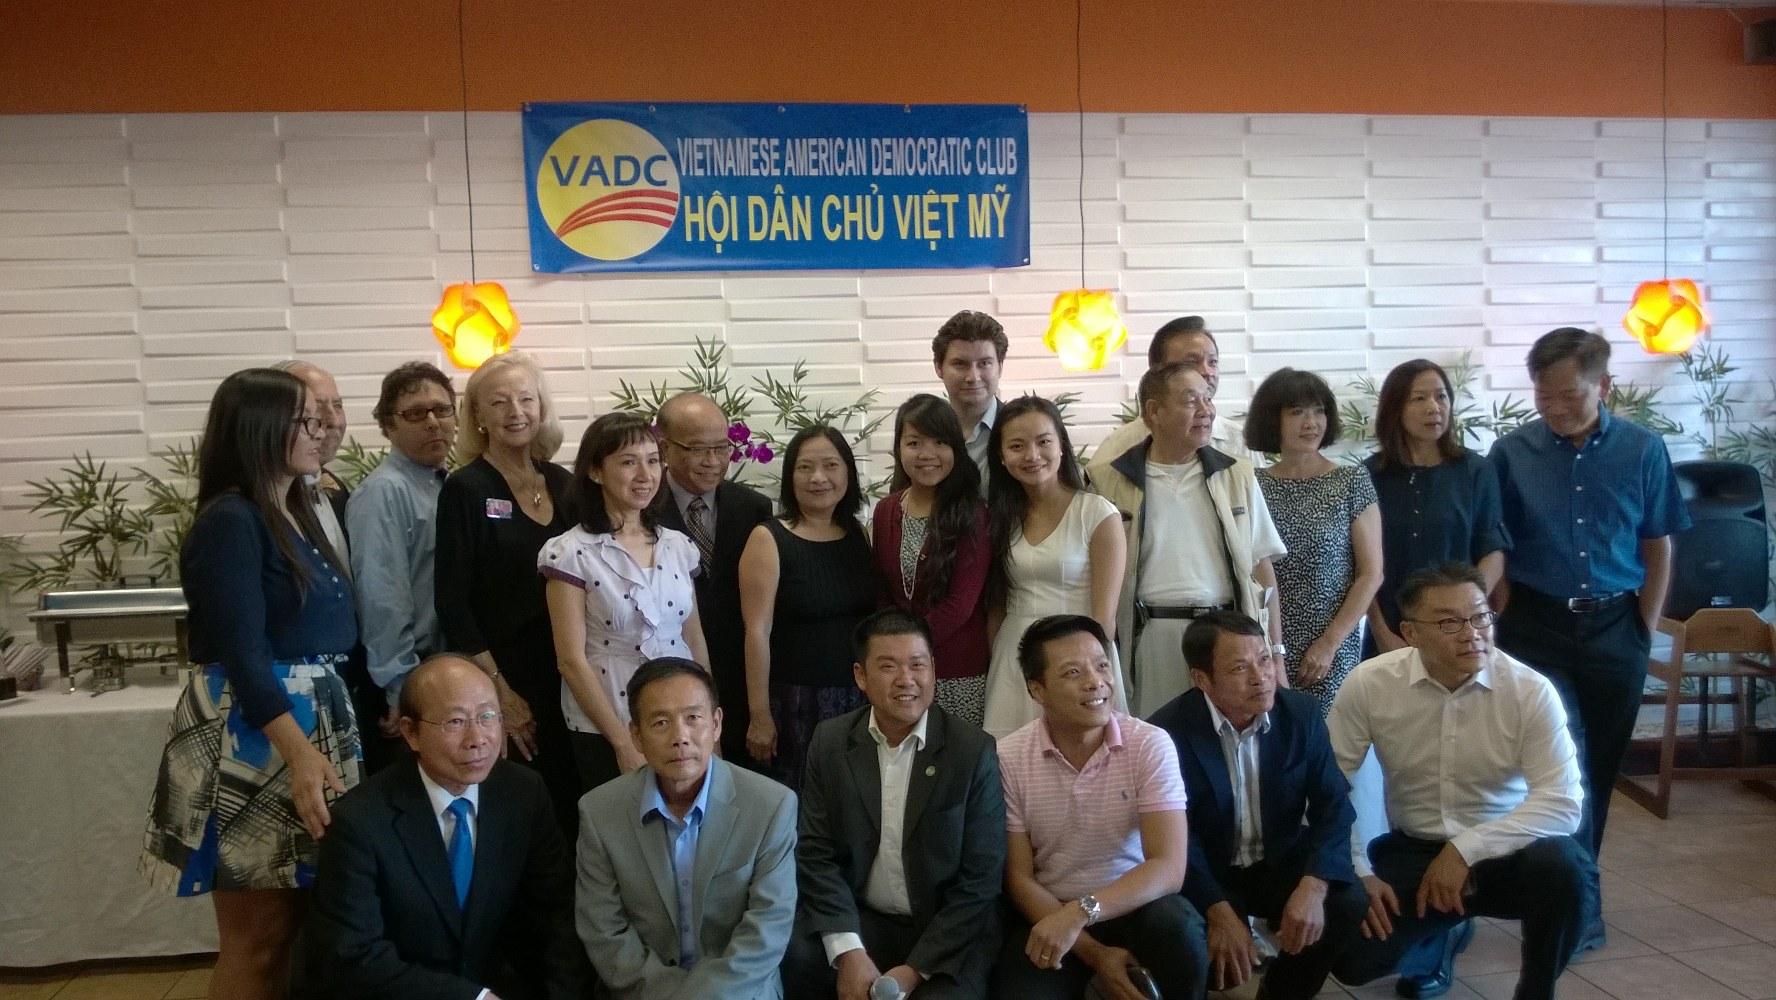 Ra mắt ban chấp hành mới của Hội Dân Chủ Việt Mỹ